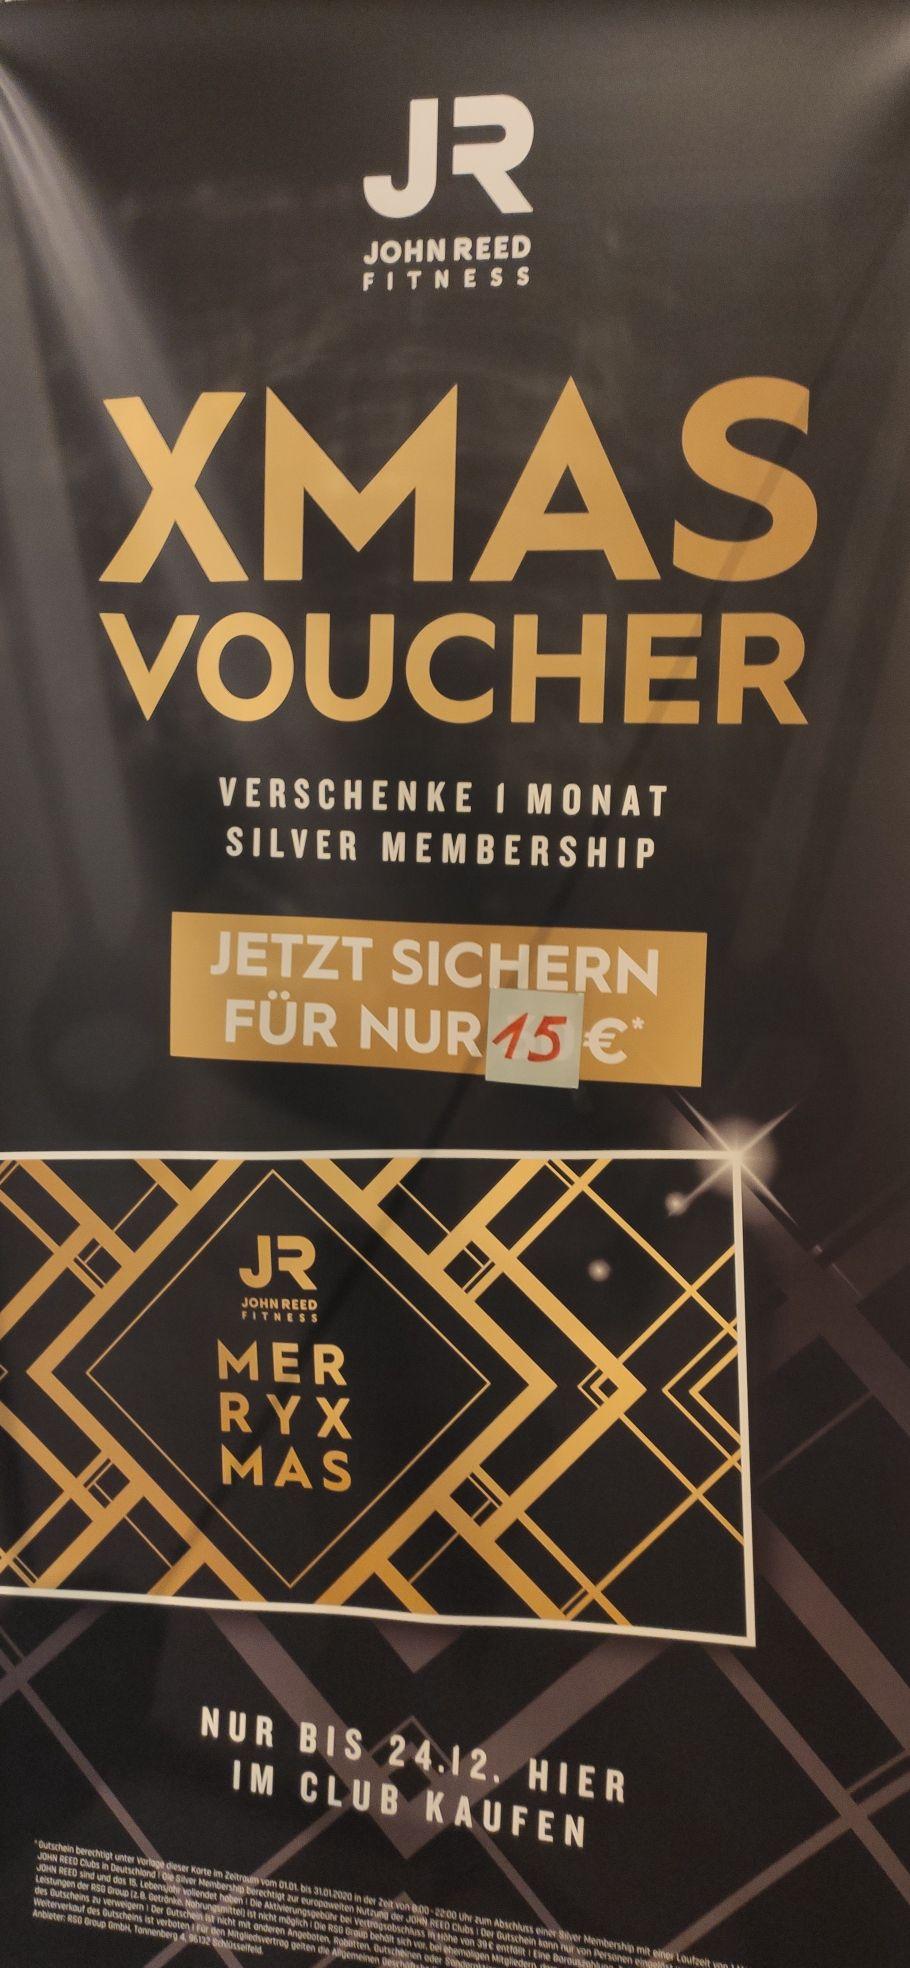 Geschenkgutschein für einen Monat Silber-Mitgliedschaft bei John Reed (01.01. bis 31.01., endet automatisch)